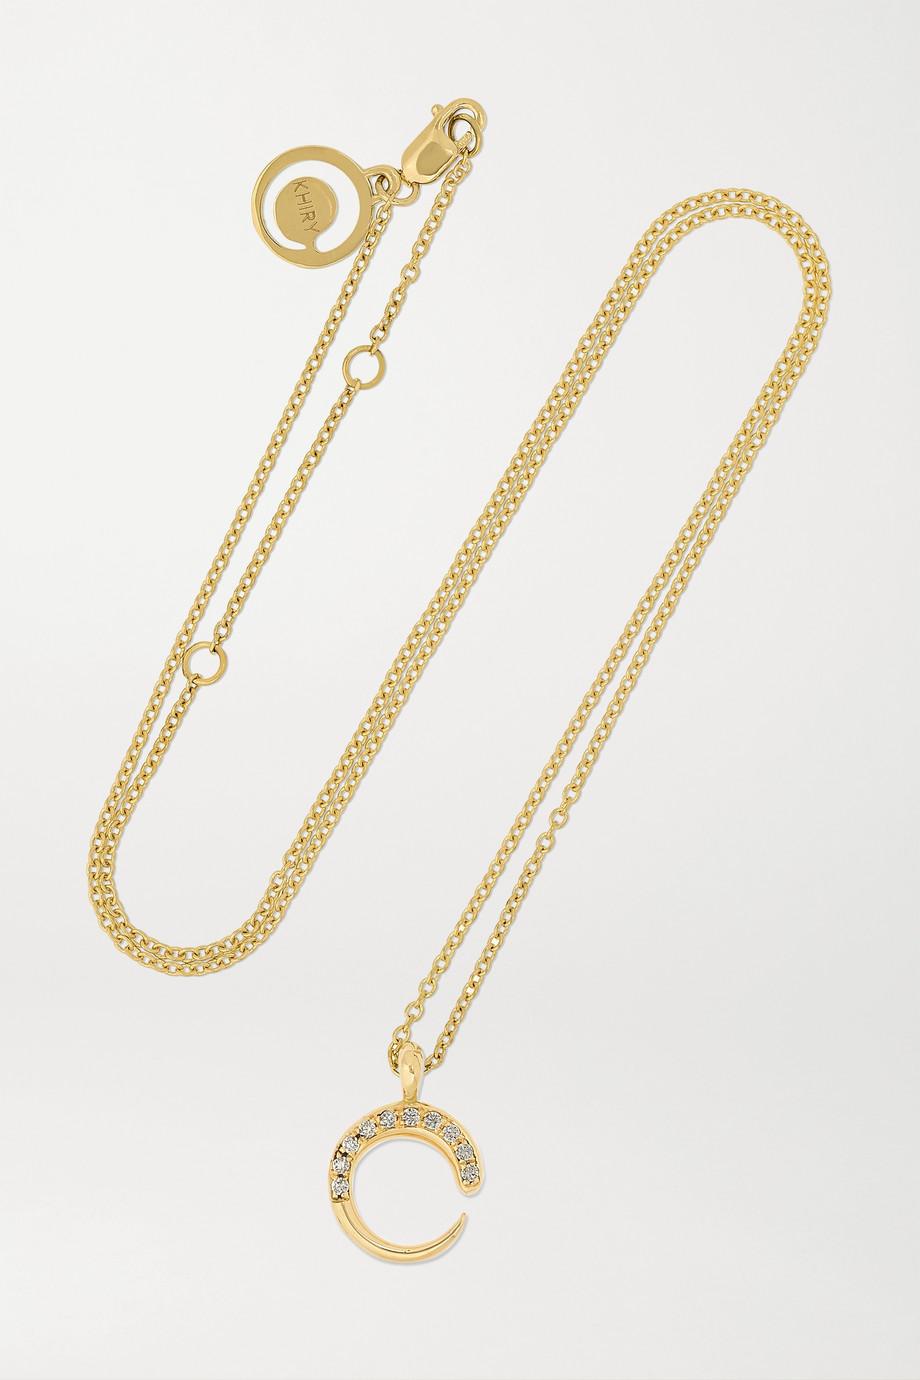 KHIRY Fine Mini Khartoum 18-karat gold diamond necklace